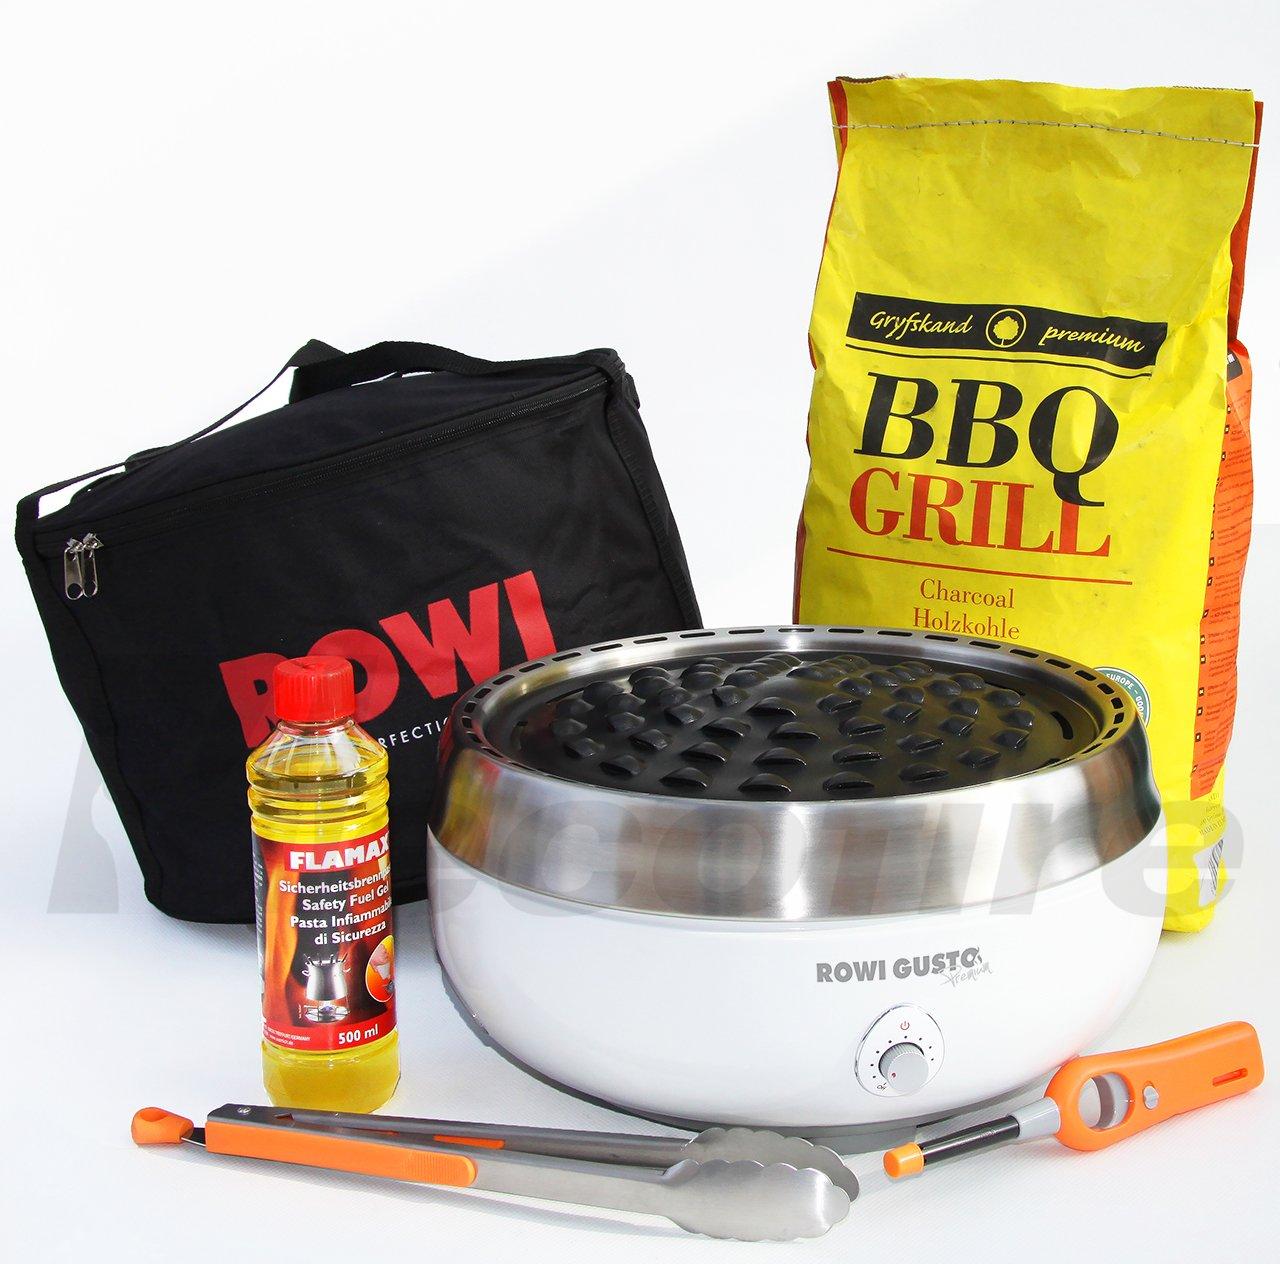 Holzkohle Tischgrill ROWI GUSTO Premium – Grillerette – Weiss, im Super Pack mit viel Grillzubehör und Buchen-Holzkohle günstig bestellen